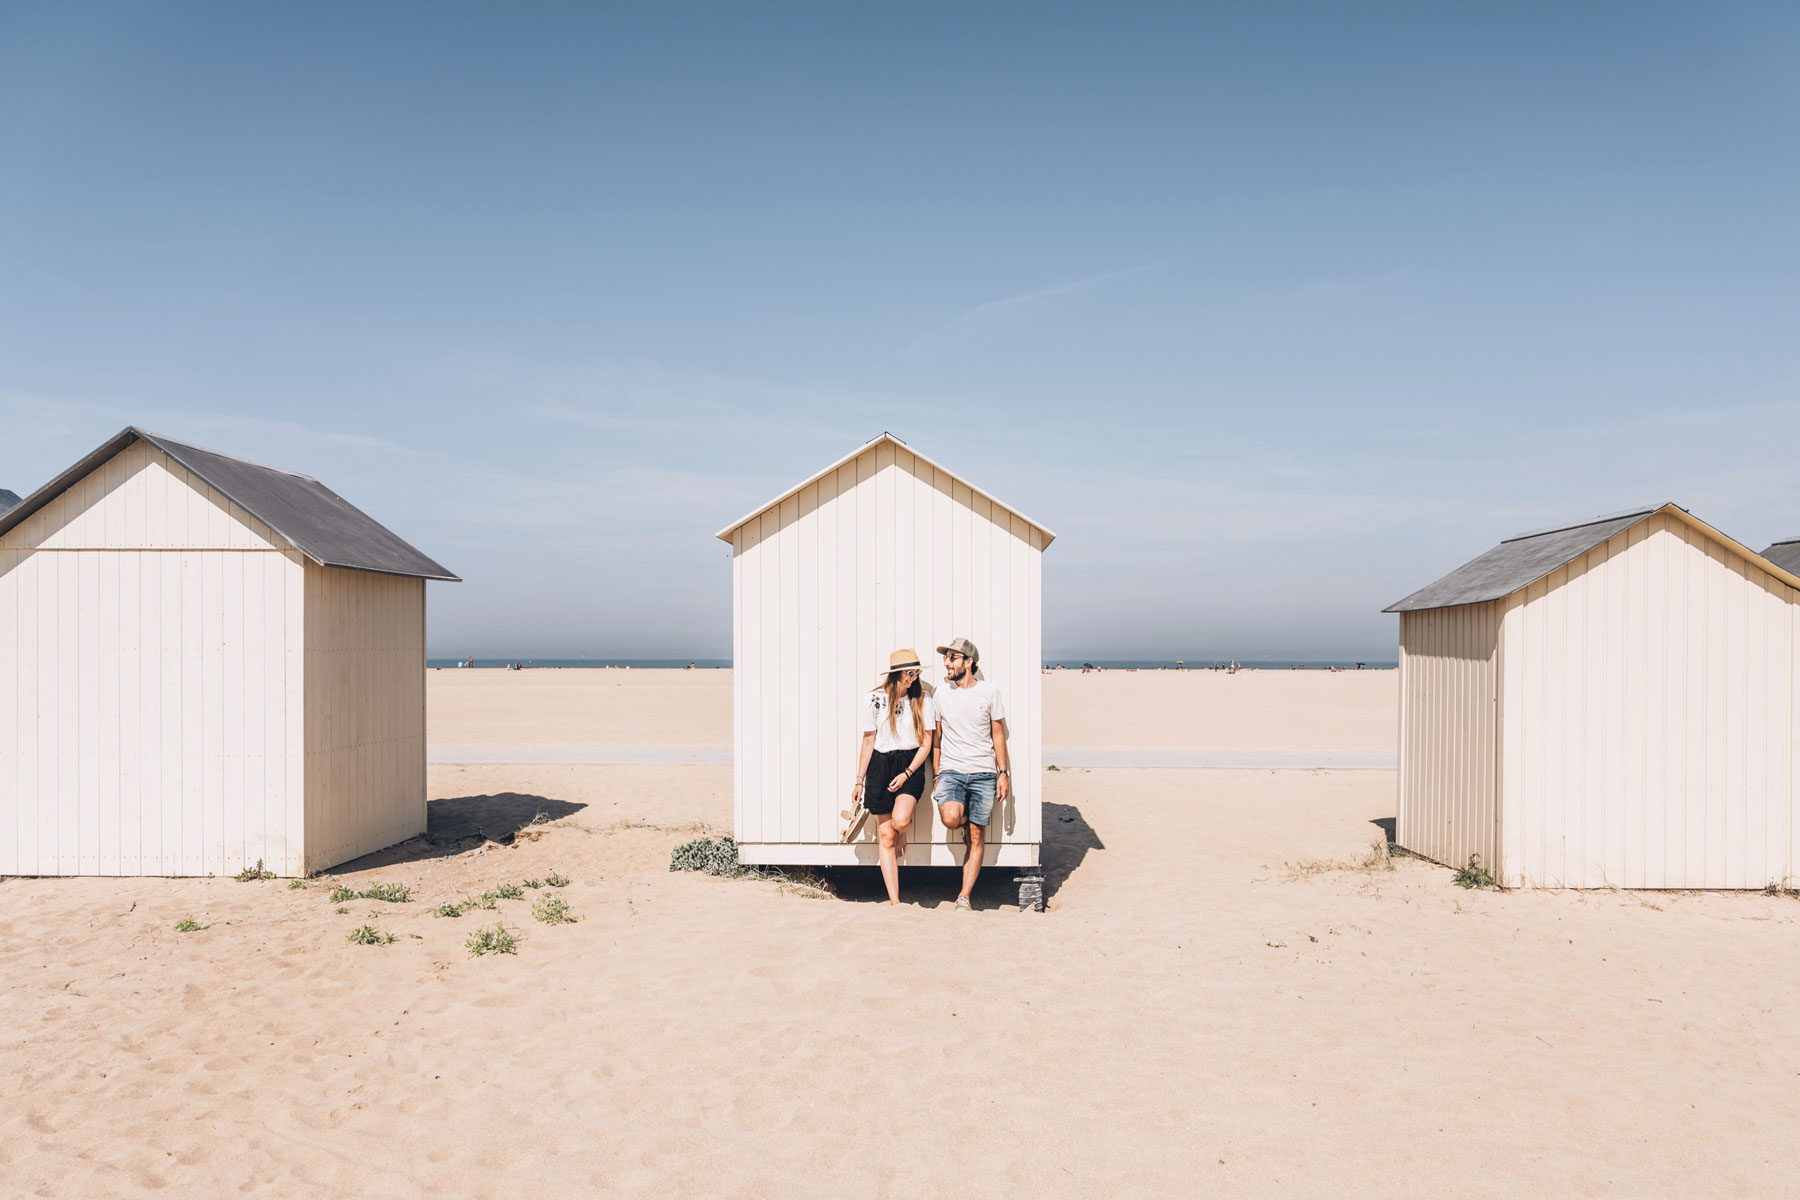 Bestjobers, Cabine de plage, Ouistreham, Normandie